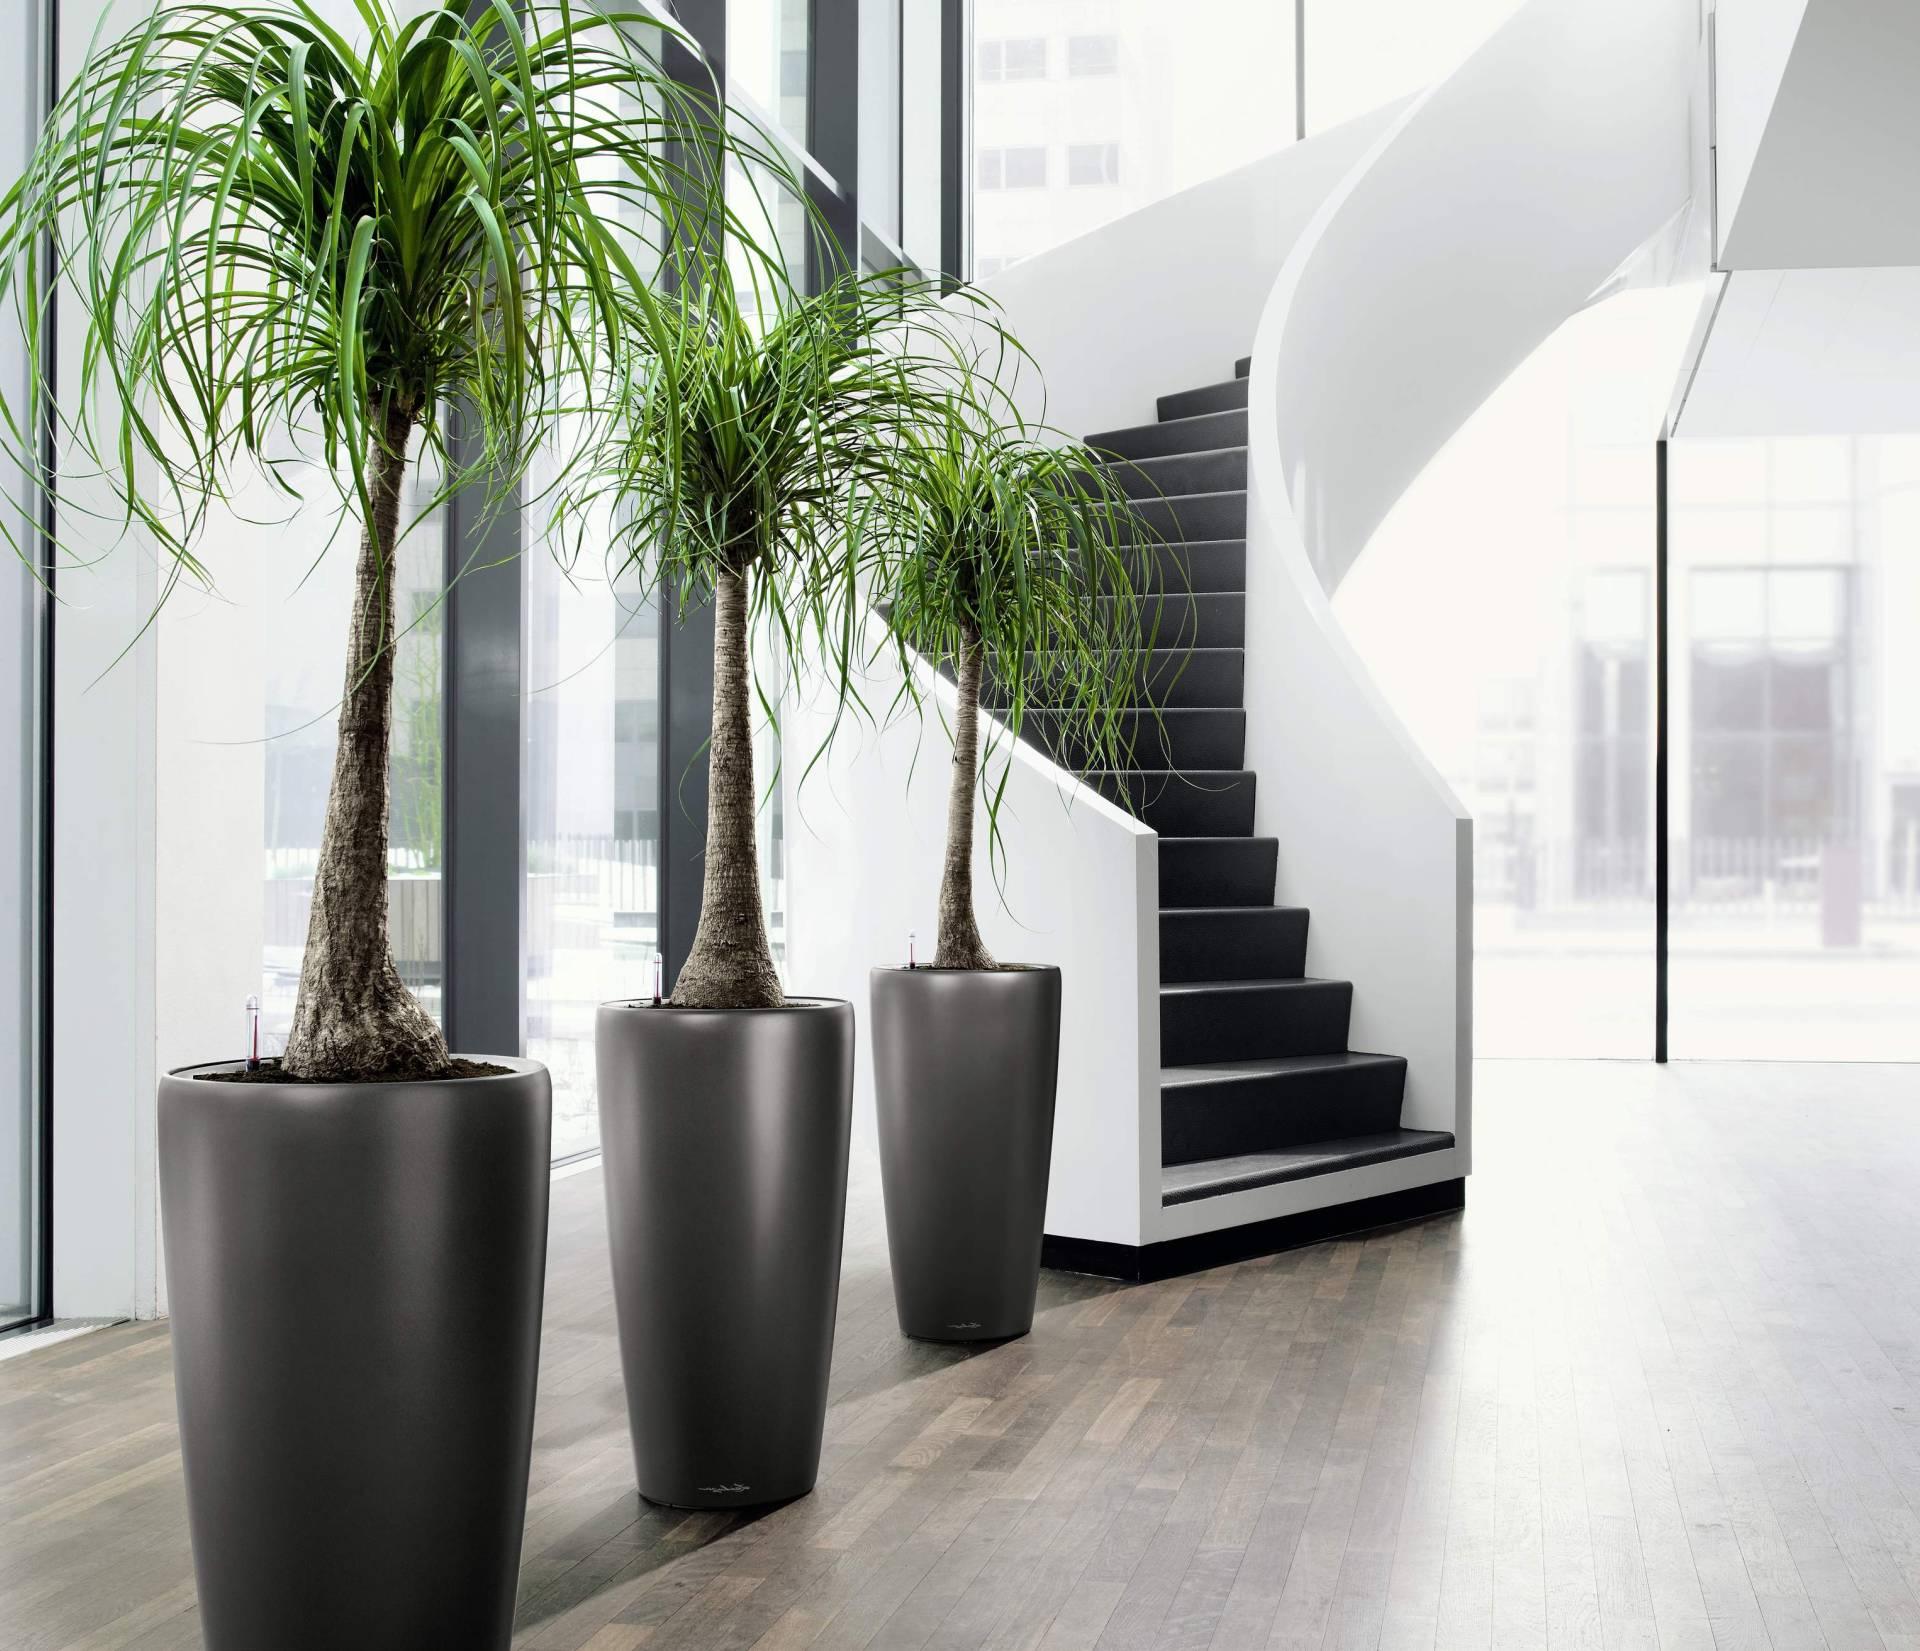 растения в интерьере по фен-шуй